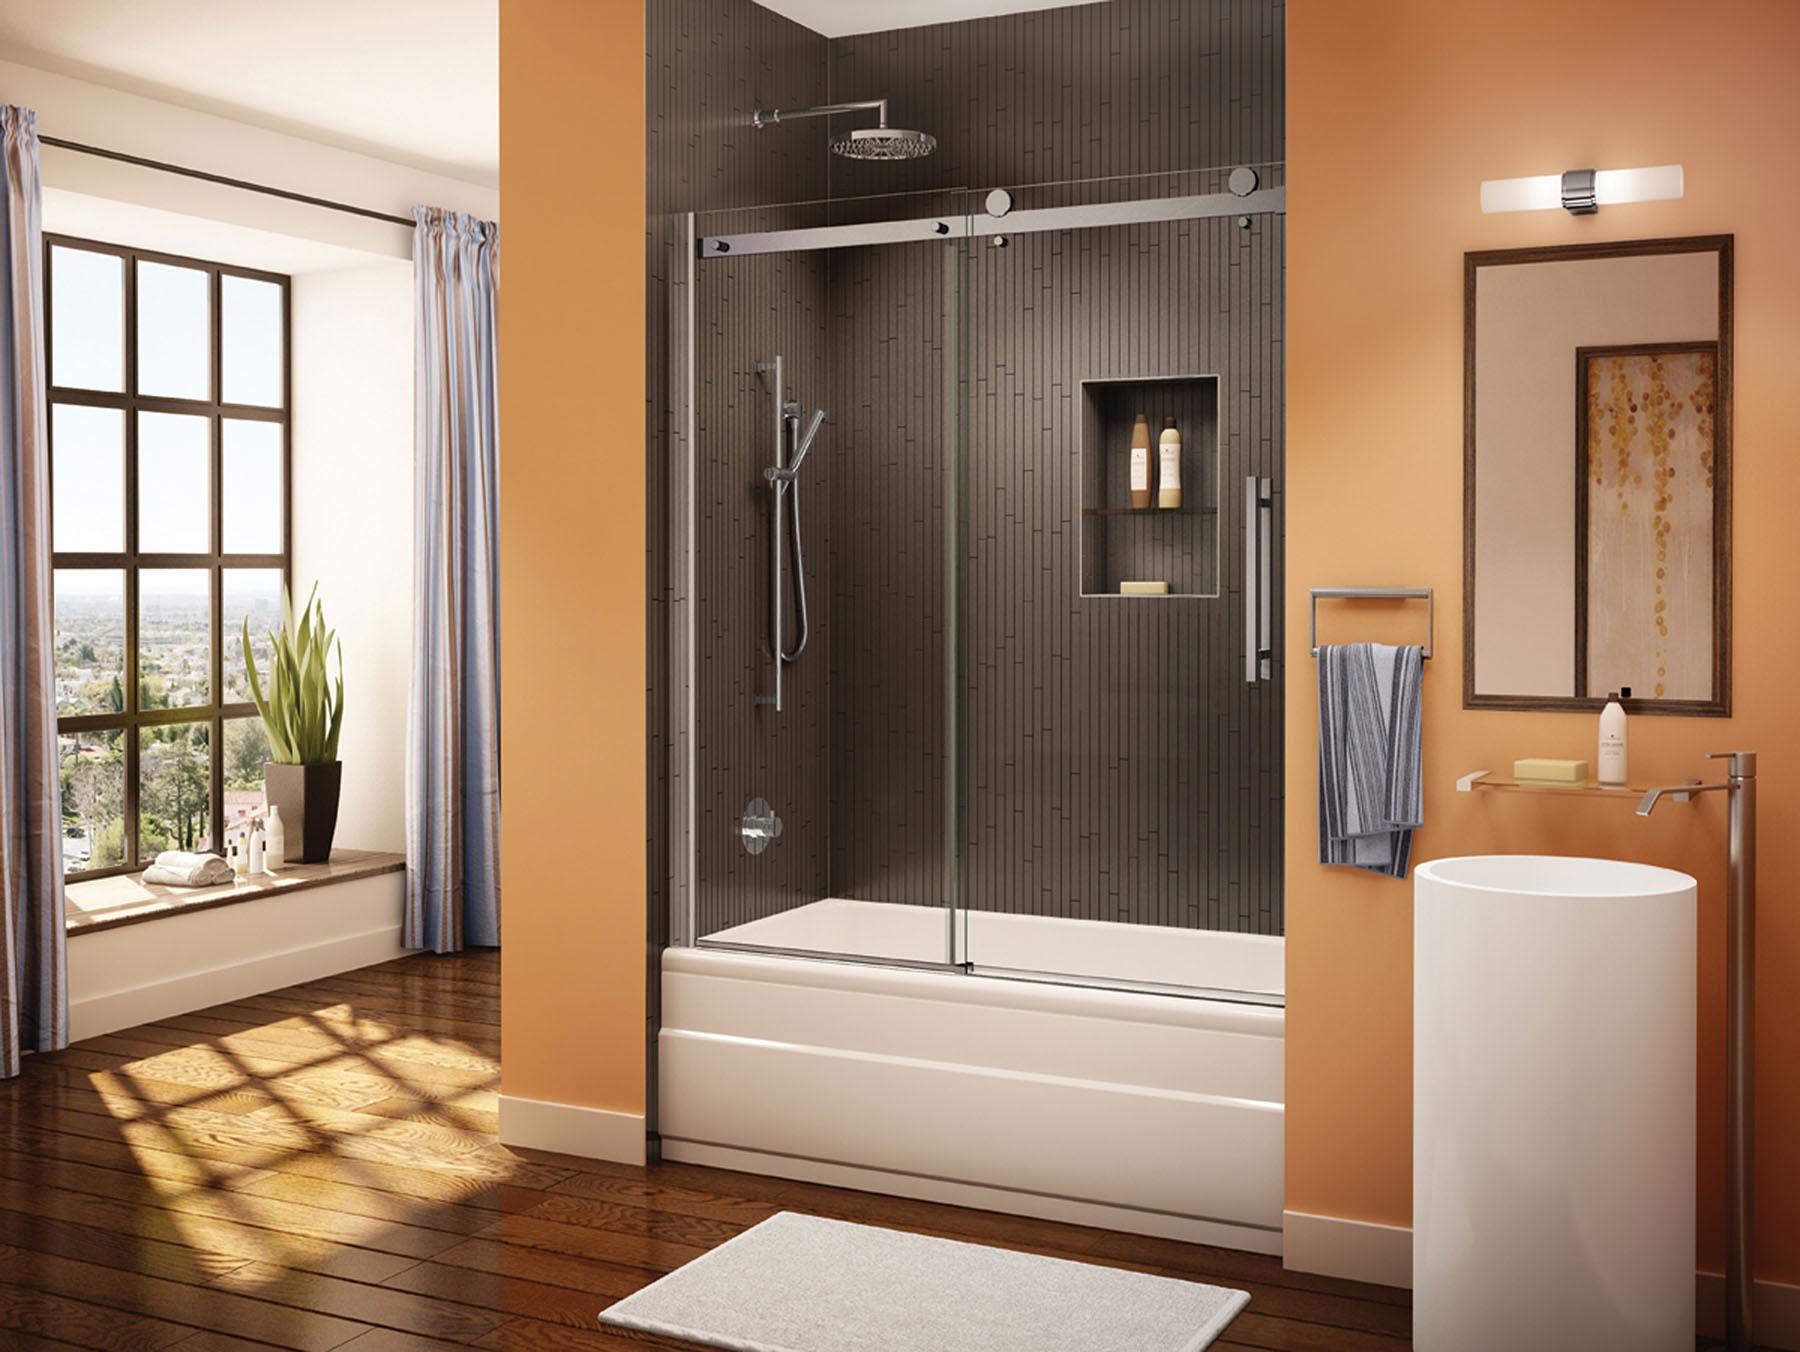 Denver Shower Glass - Save on Shower Glass Tub Enclosures | Colorado ...